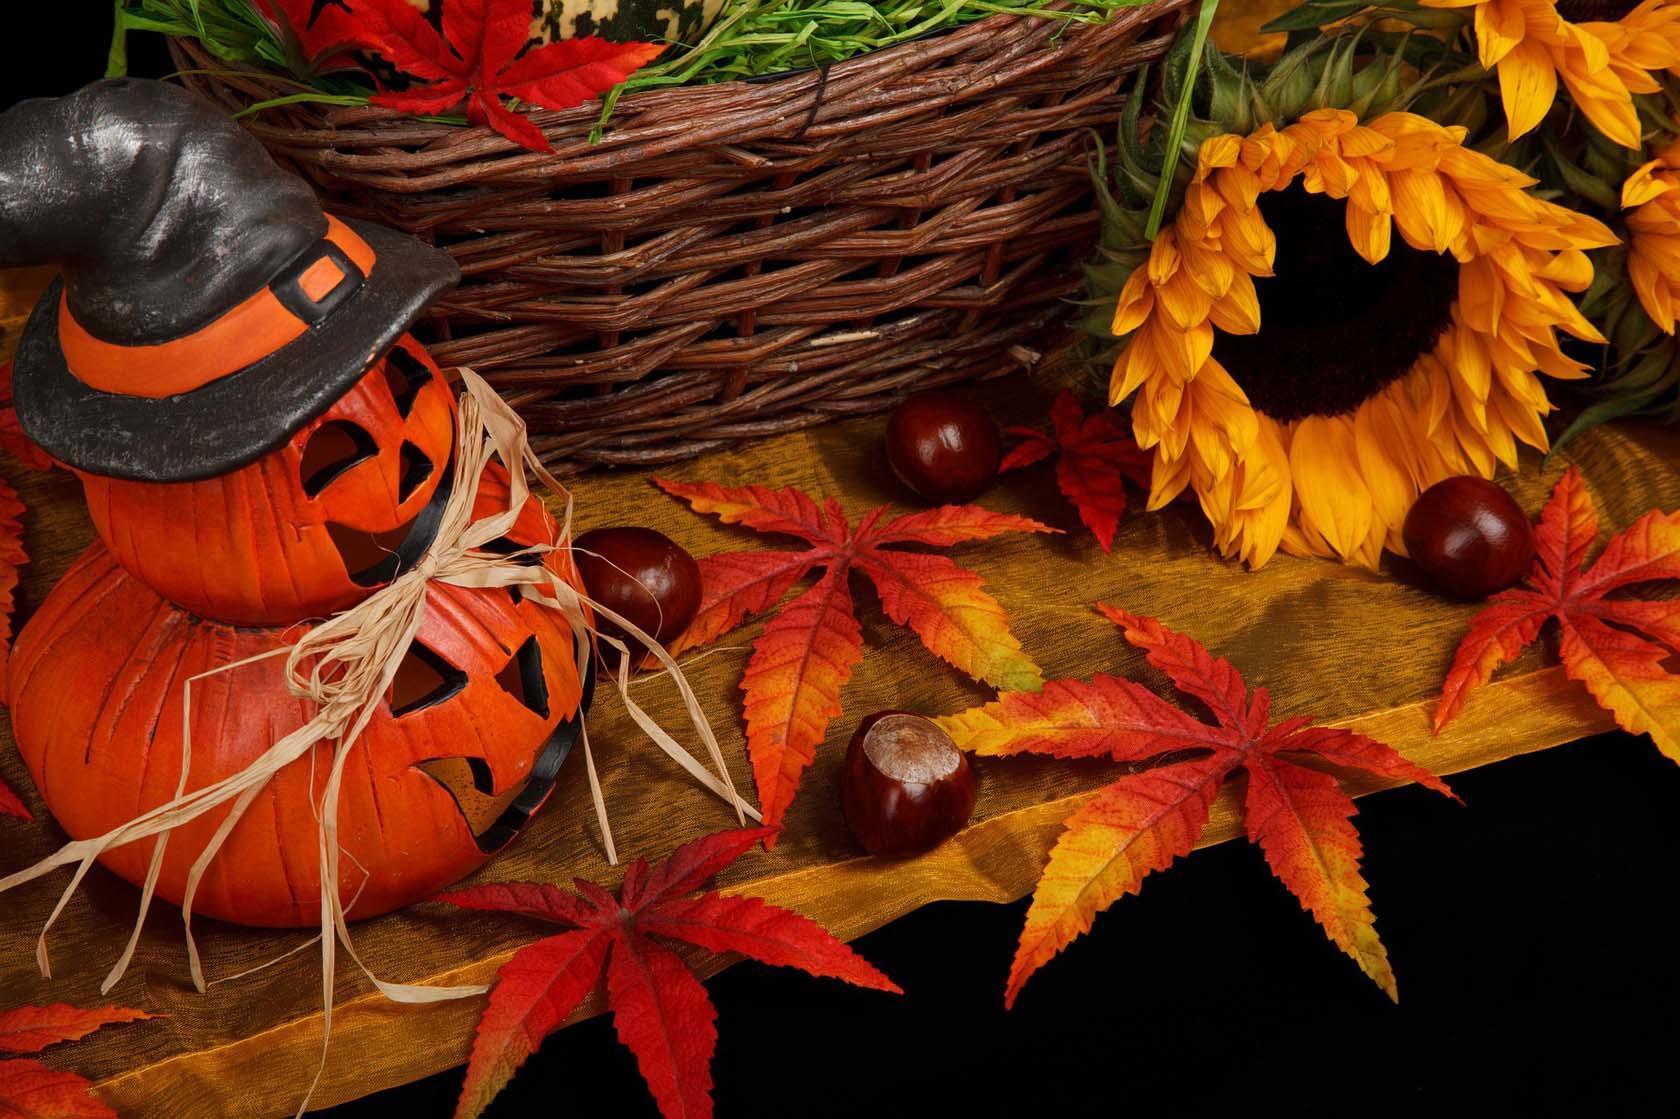 Autumnal Theme